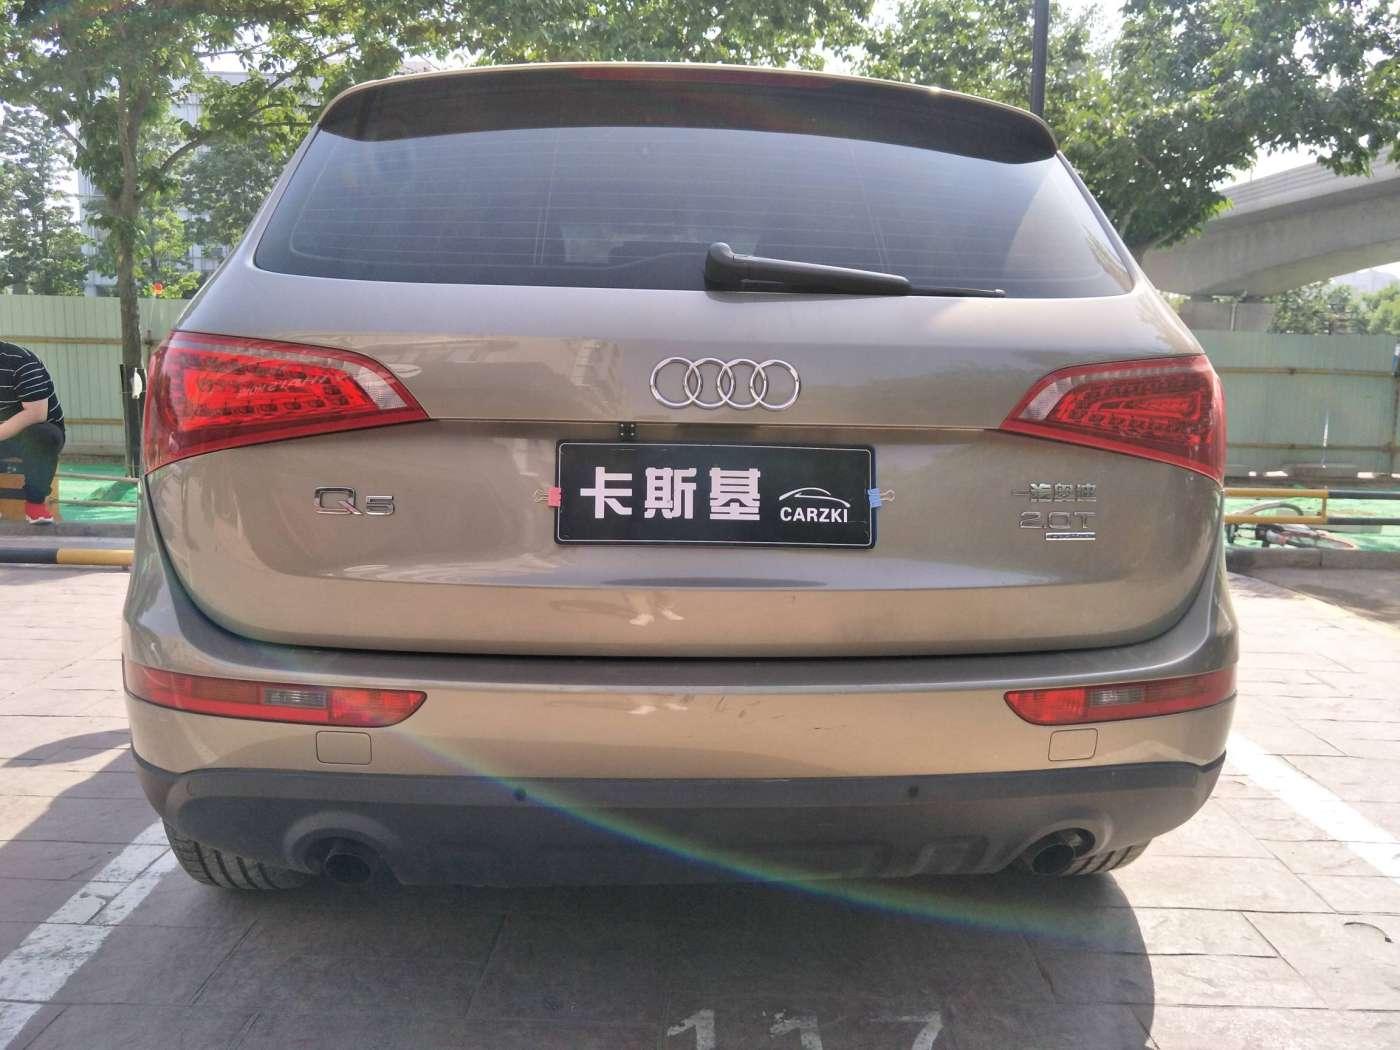 2010年12月 奥迪Q5 2010款 2.0TFSI 进取型|甄选奥迪-北京卡斯基汽车服务有限公司